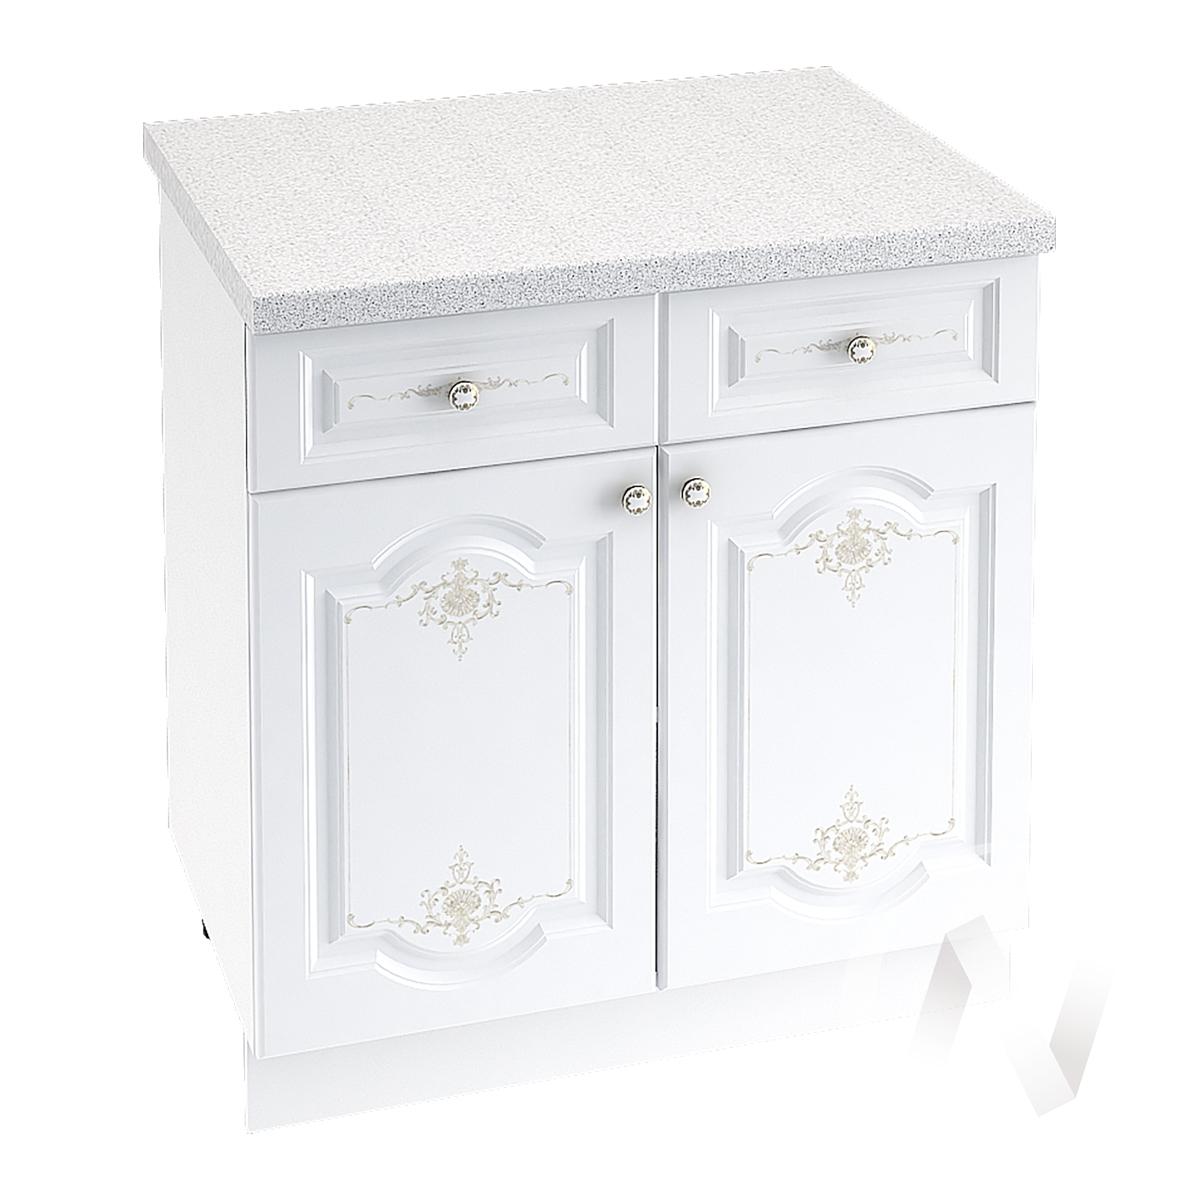 """Кухня """"Шарлиз"""": Шкаф нижний с ящиками 800, ШН1Я 800 (корпус белый)"""